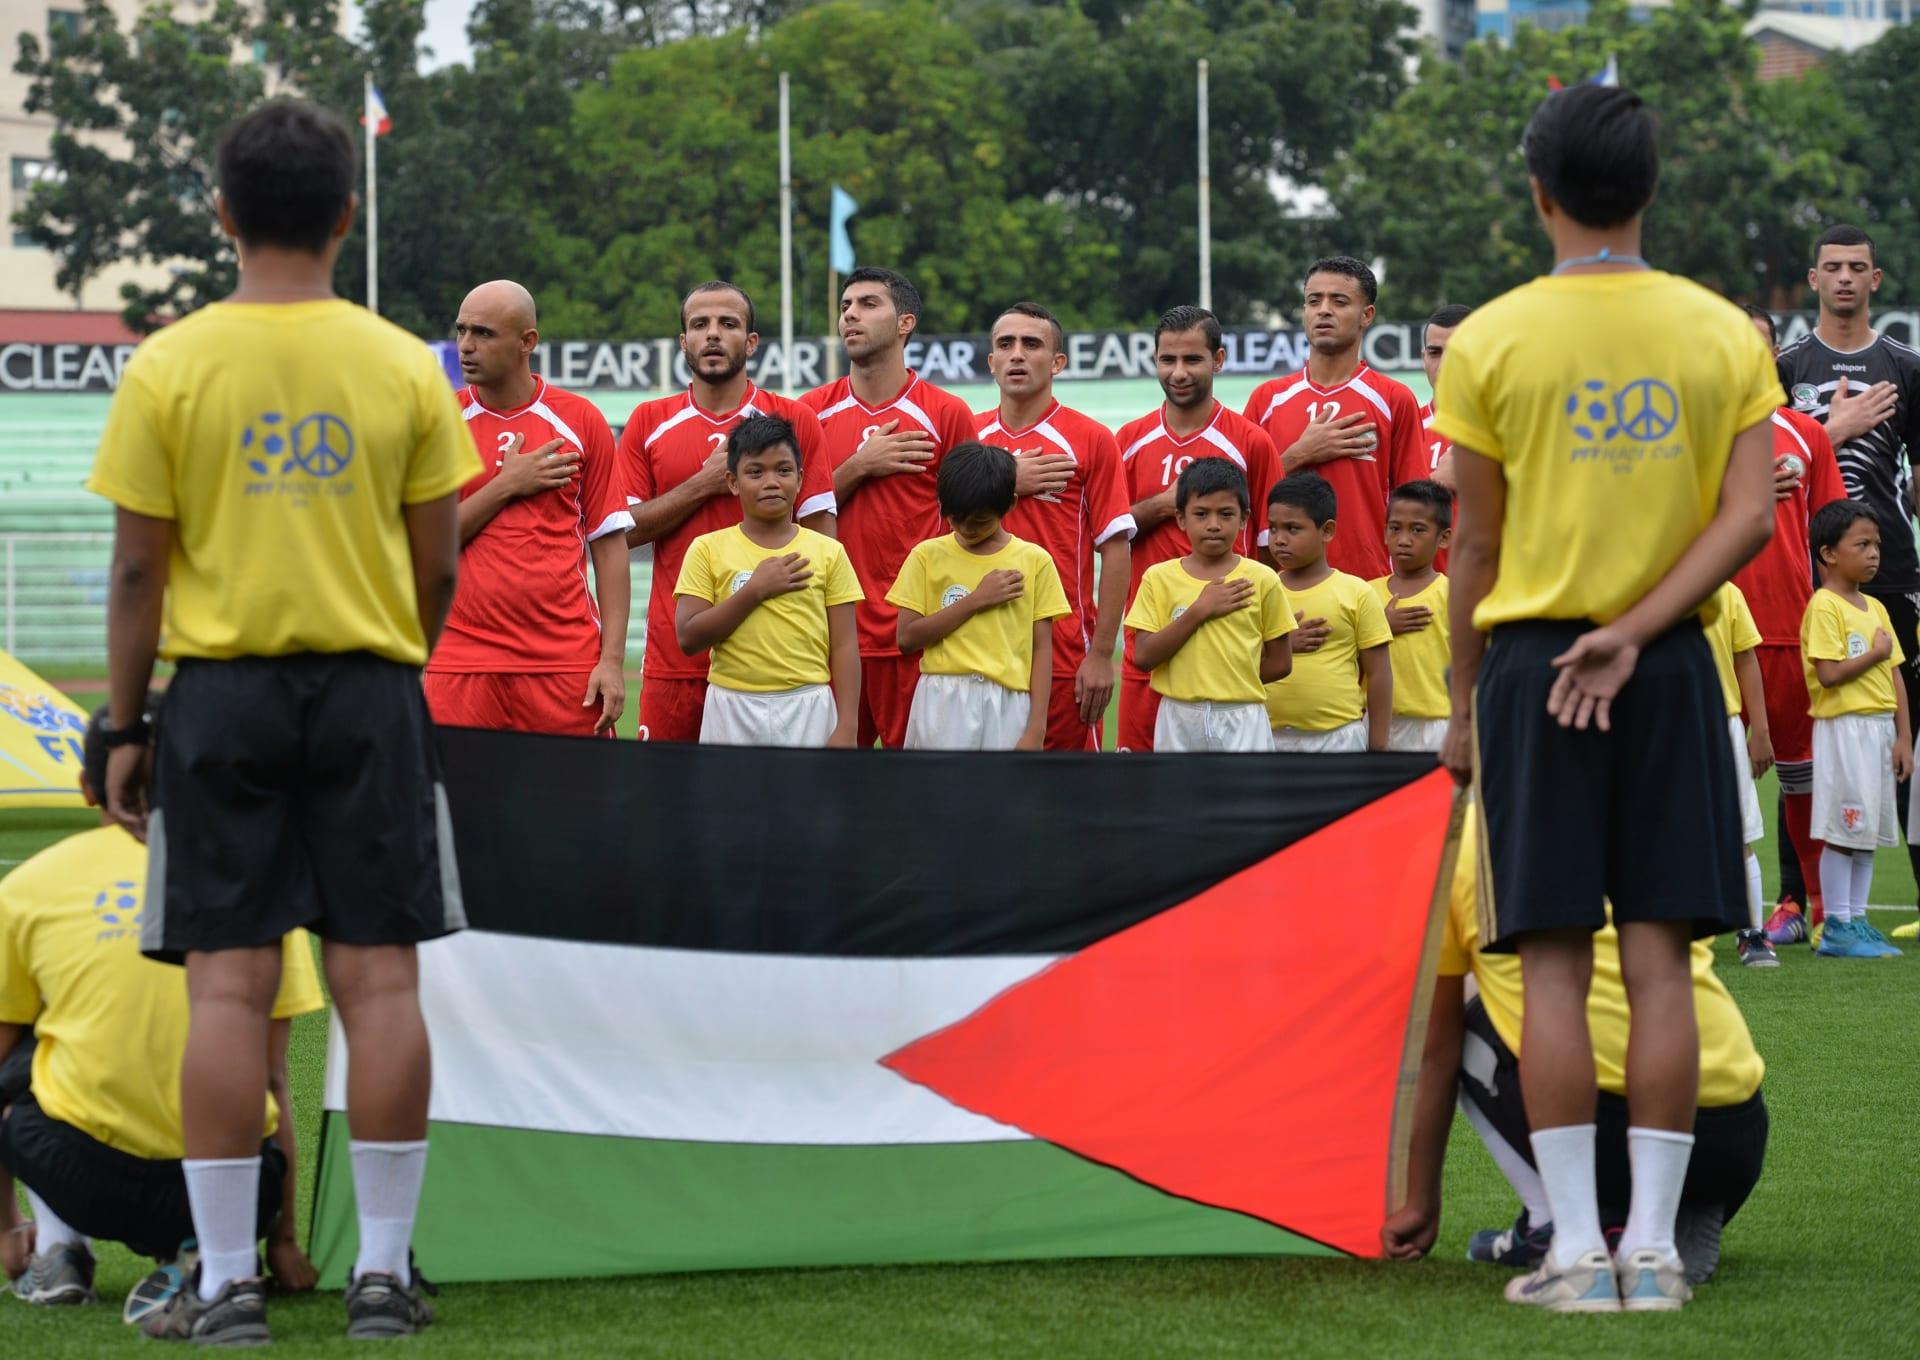 الاتحاد الفلسطيني لكرة القدم لـCNN: لم نبلغ رسميا بانسحاب السعودية من مواجهة منتخبنا